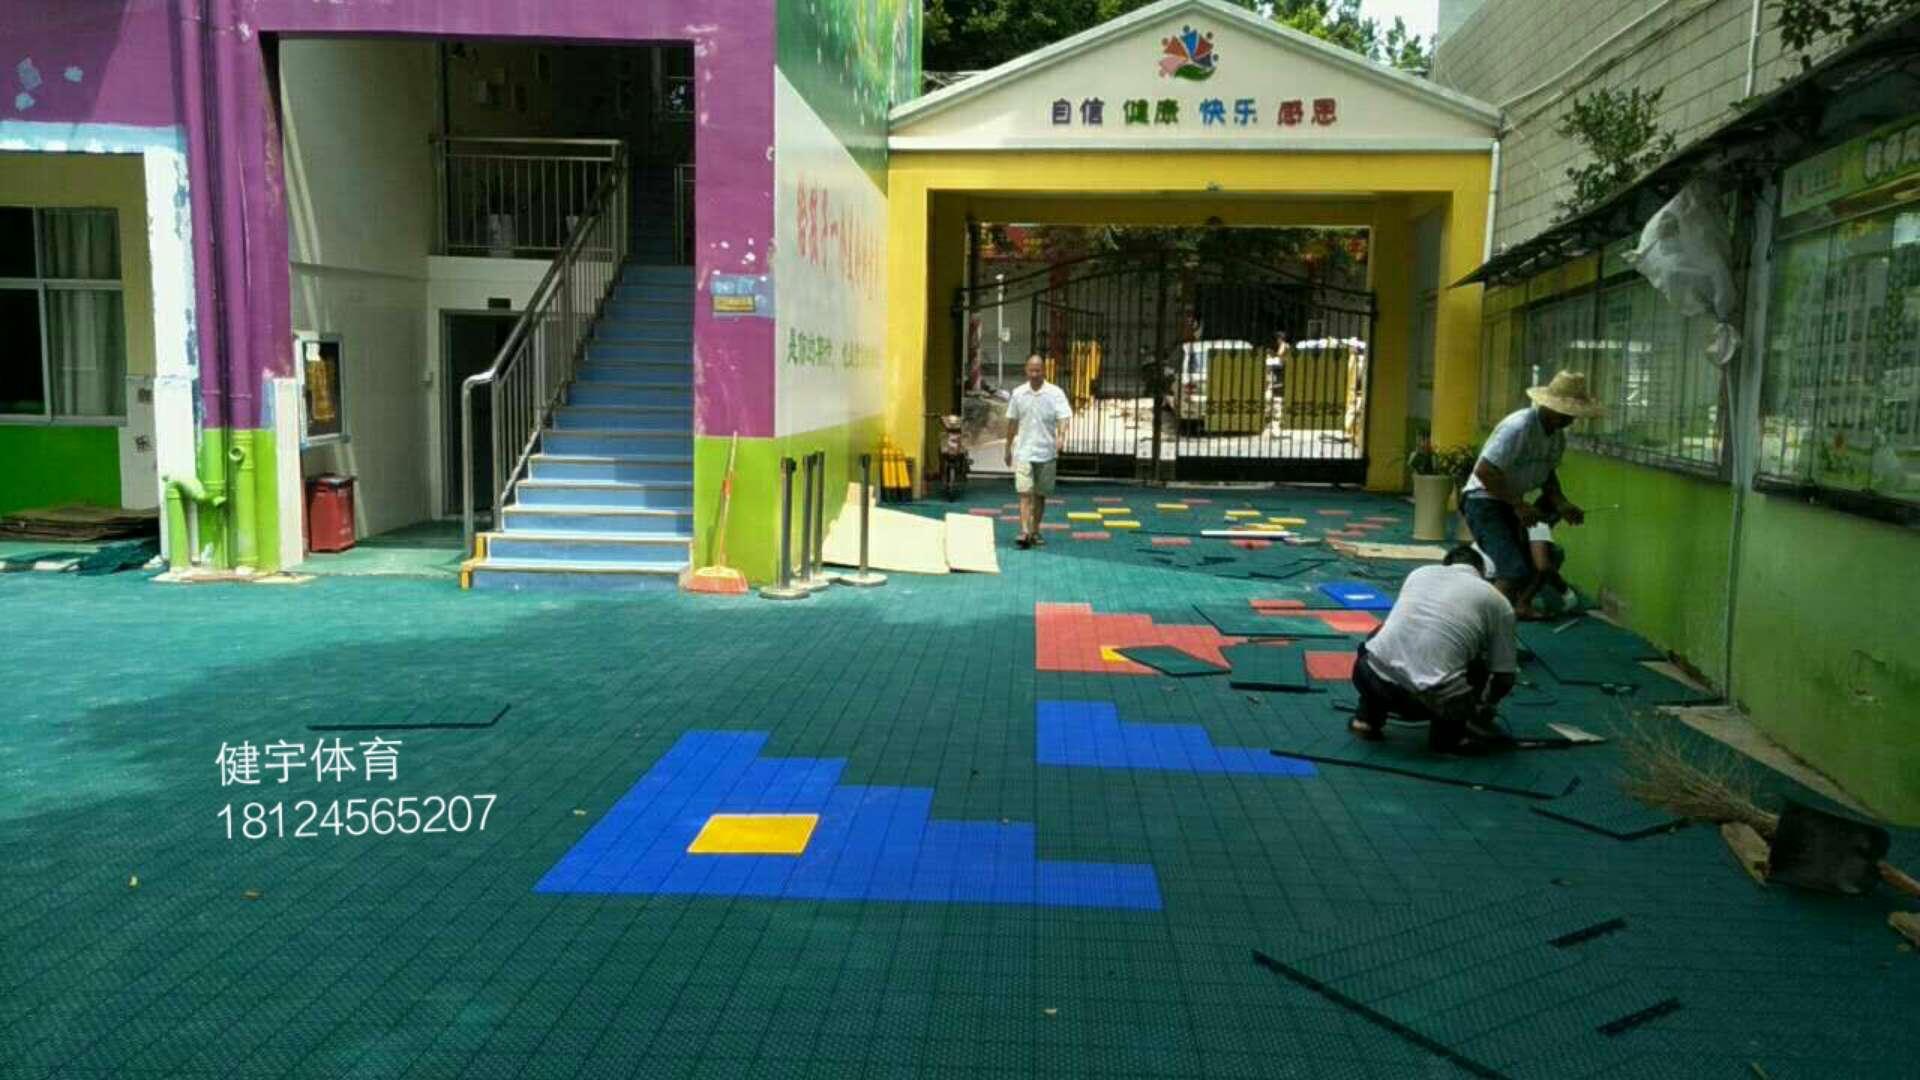 深圳市宝安区育蕾幼儿园悬浮地板拼装完工案列